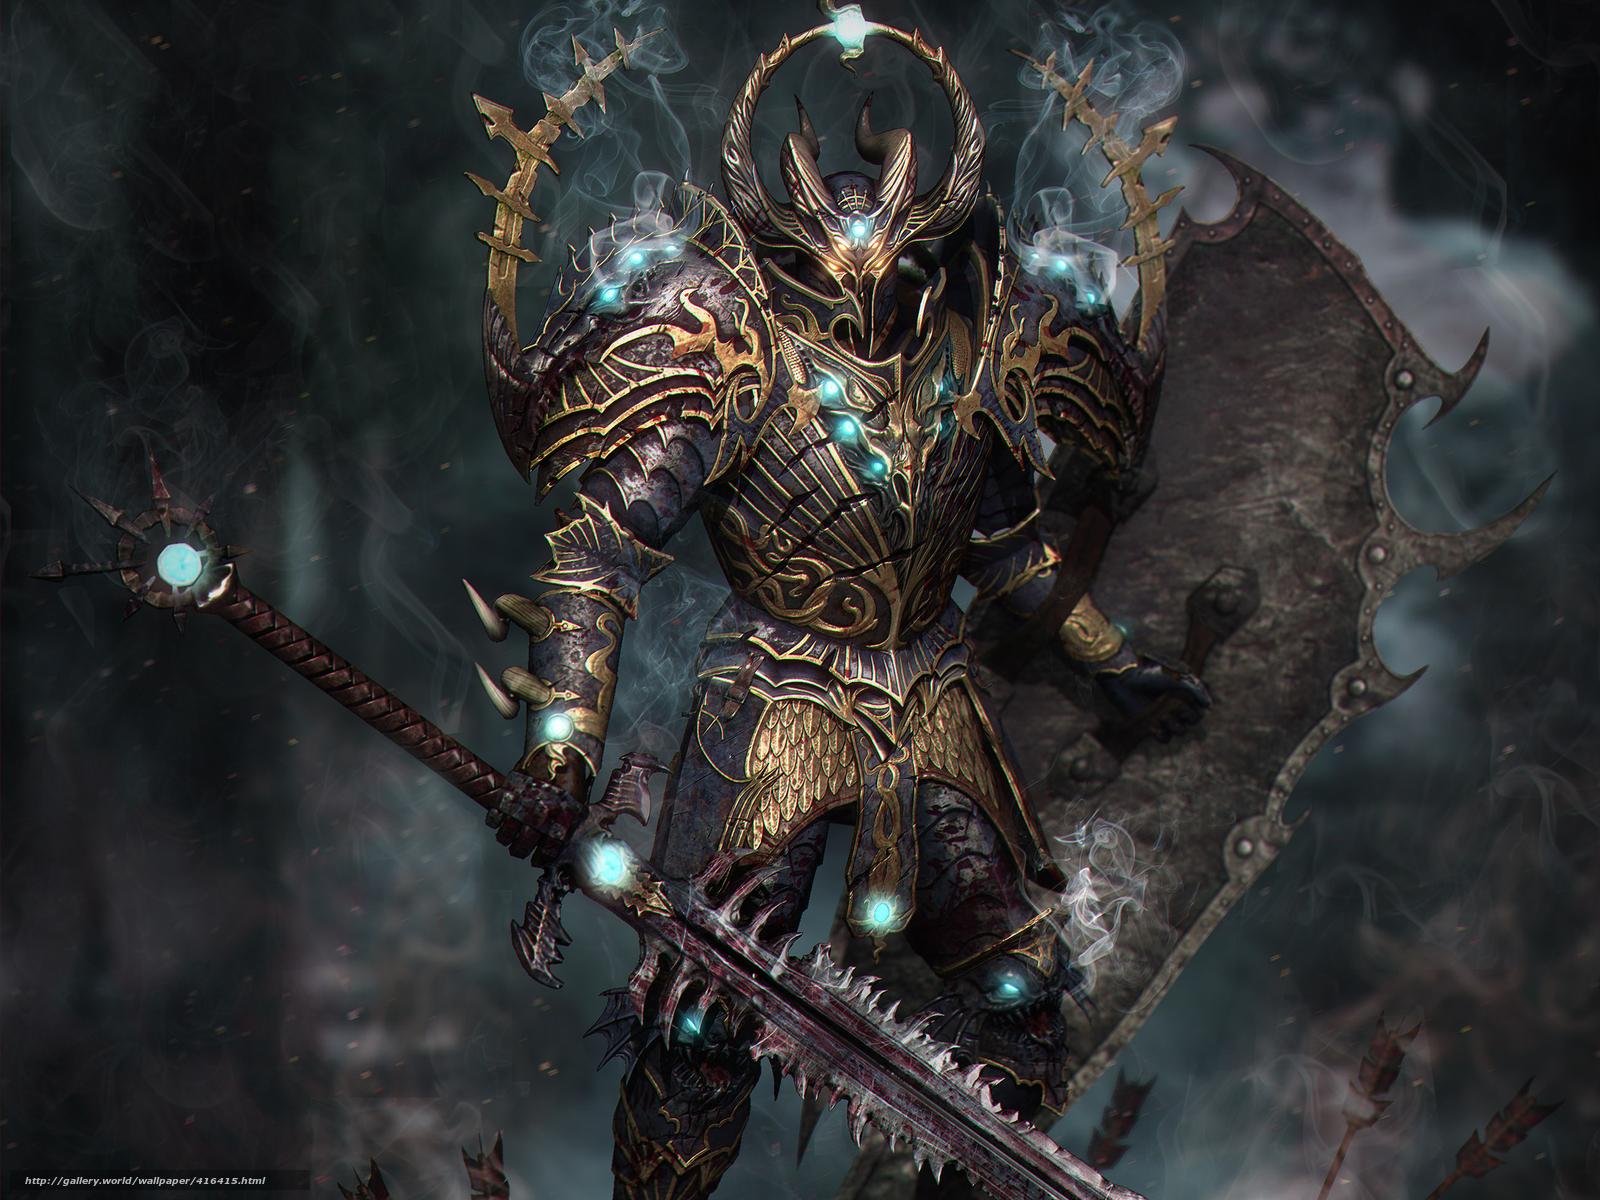 Tlcharger Fond d'ecran chevalier, magie, armure, brlure aux yeux Fonds ...